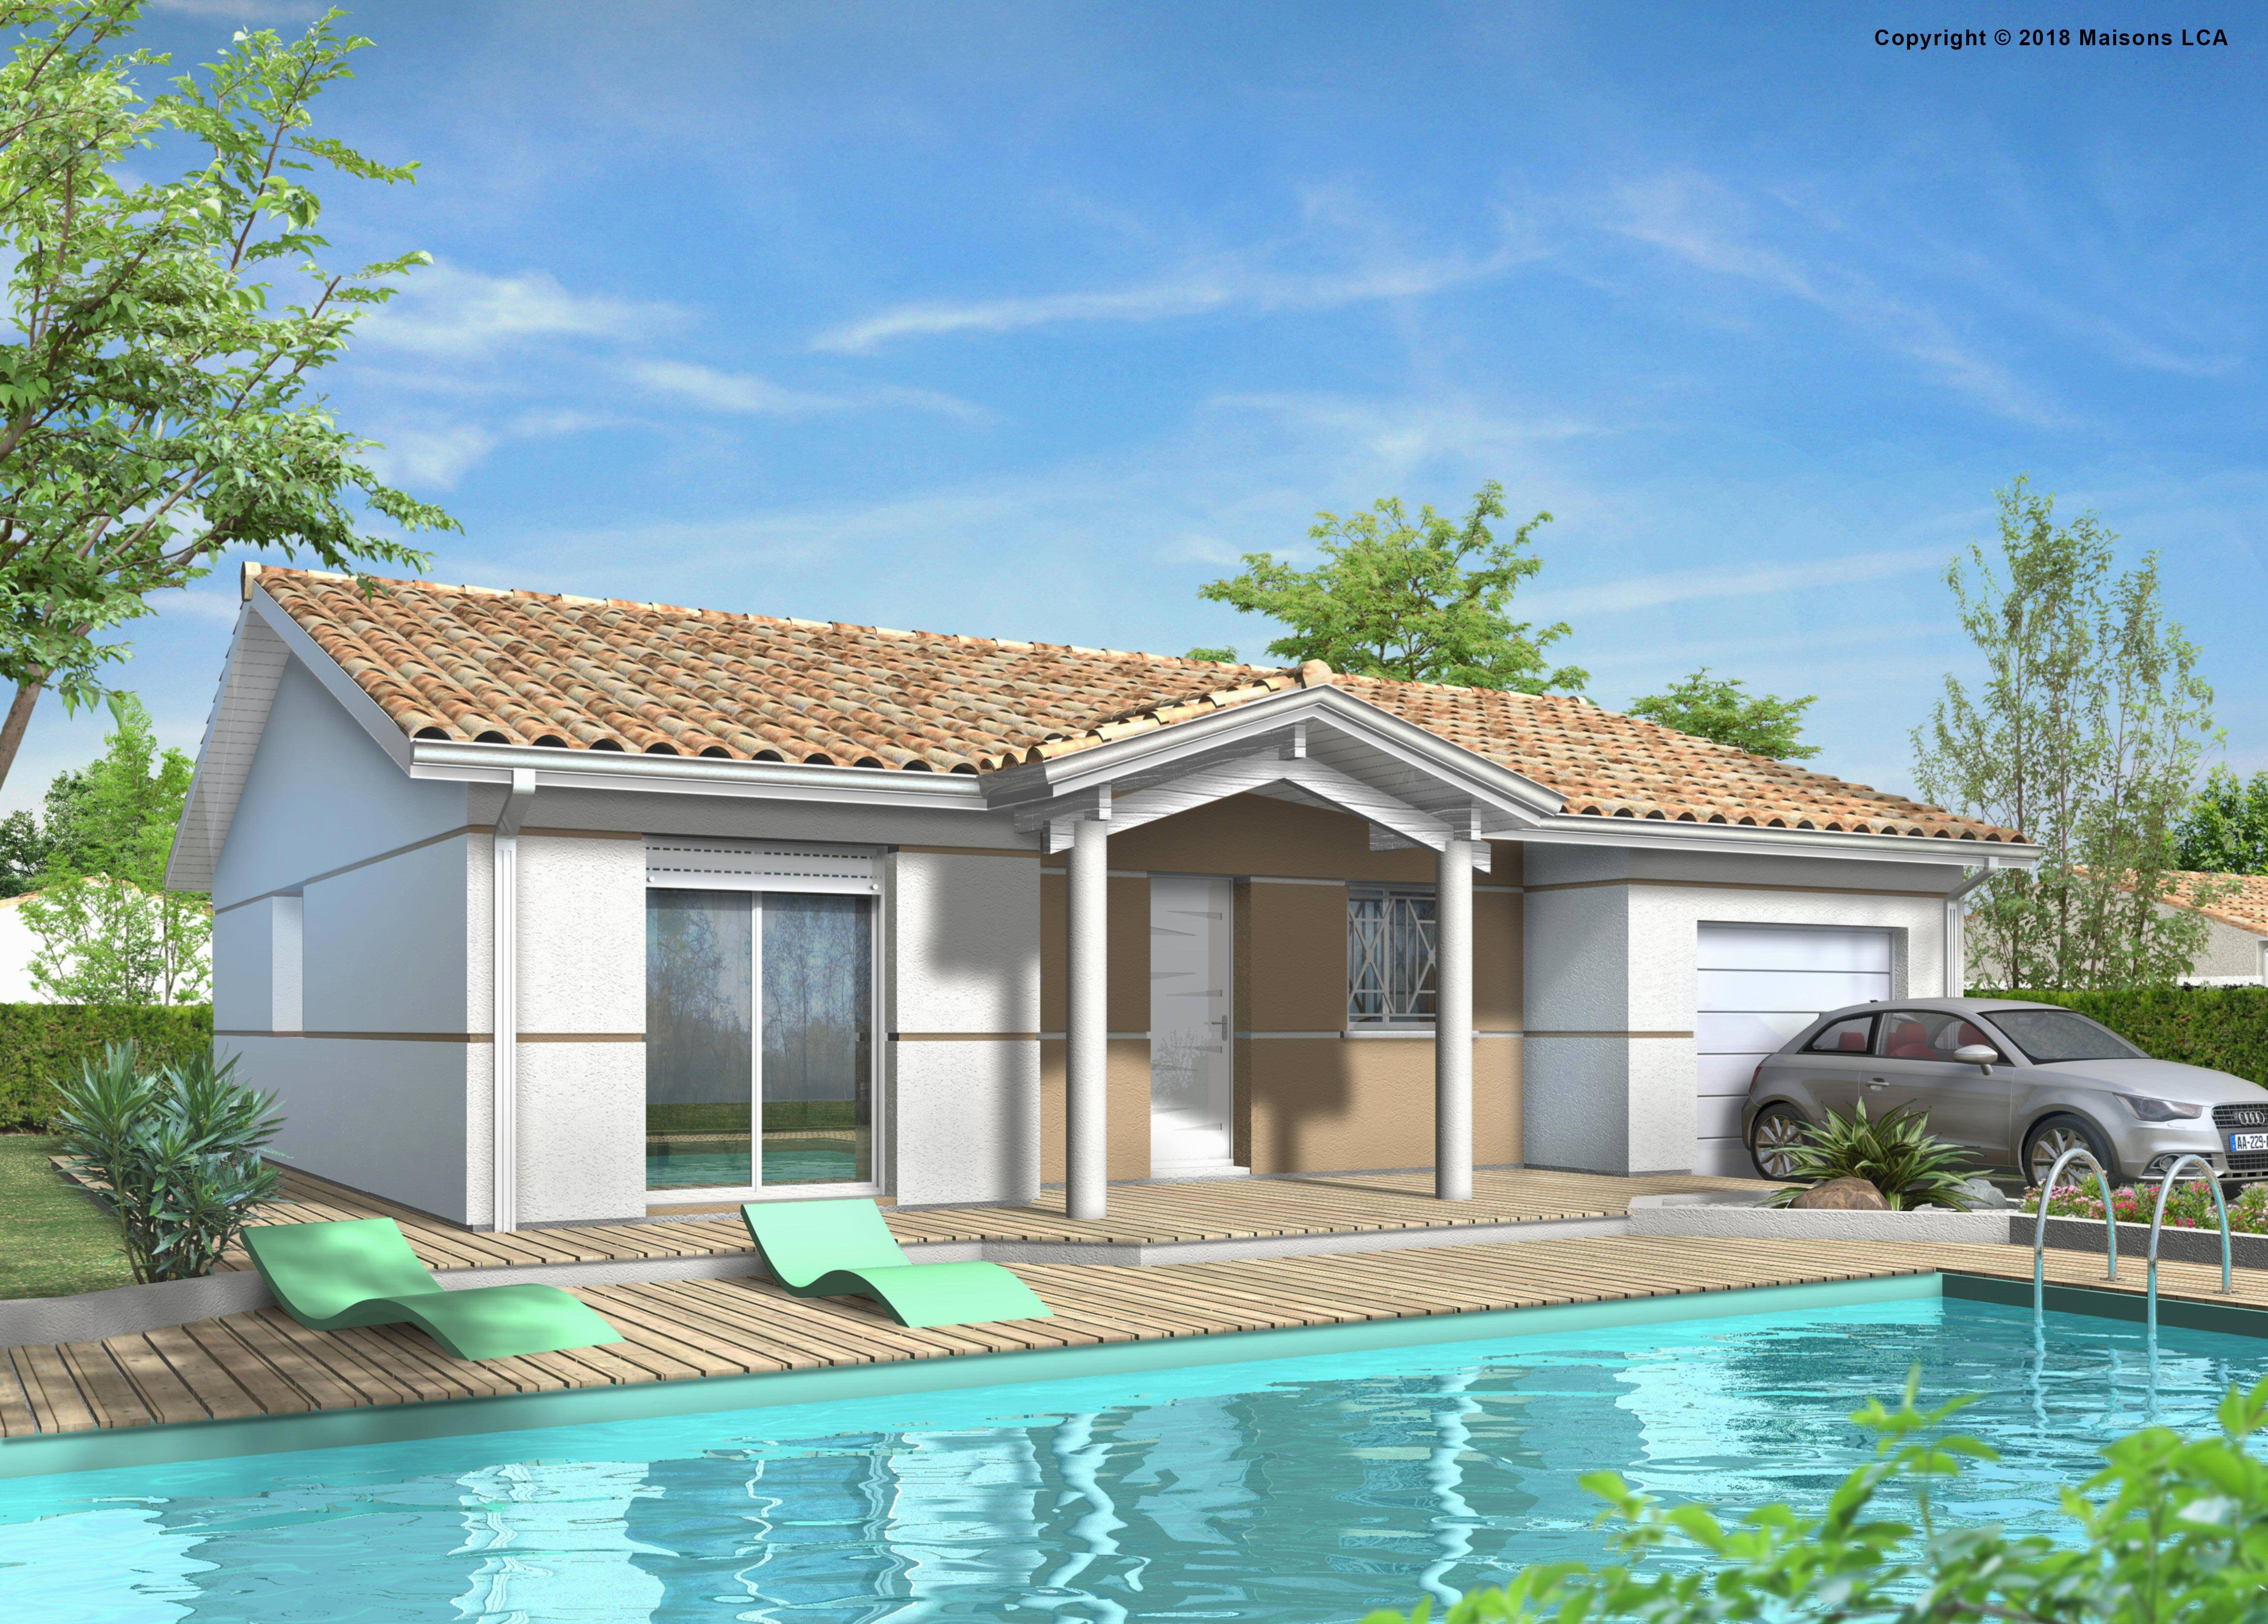 Maisons + Terrains du constructeur LCA LANGON • 87 m² • SAINT PARDON DE CONQUES